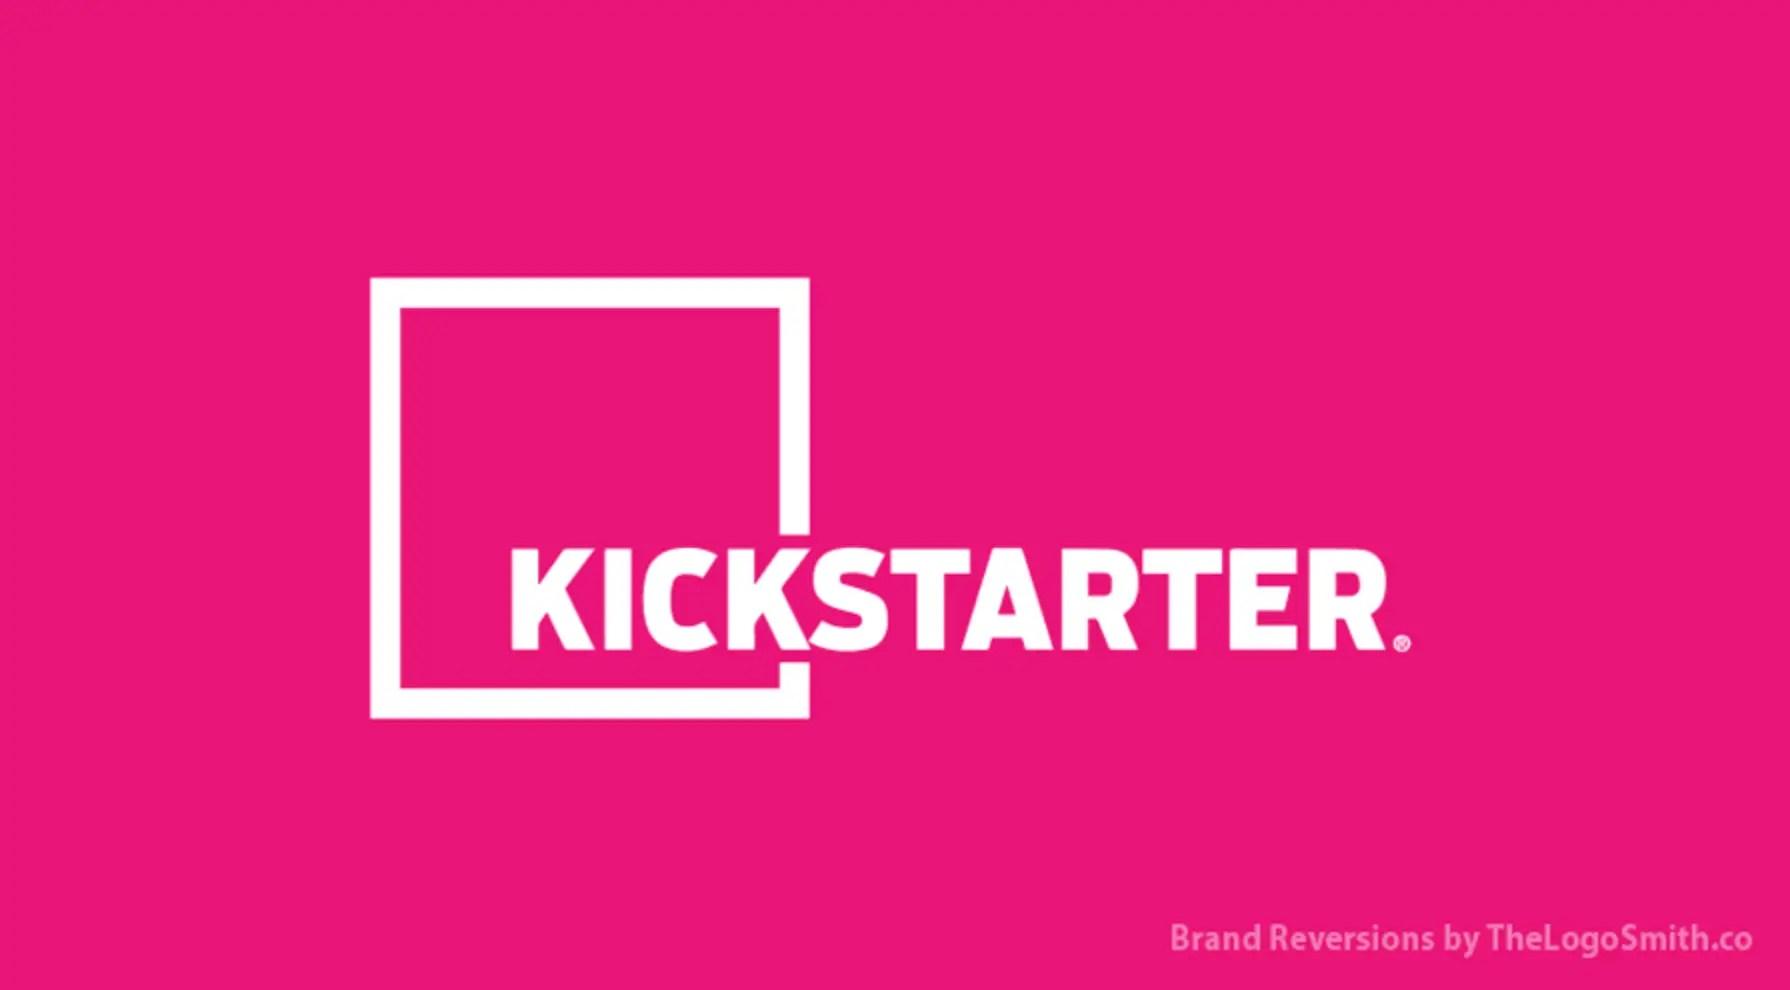 wersm-brand-reversioning-indiegogo-kickstarter